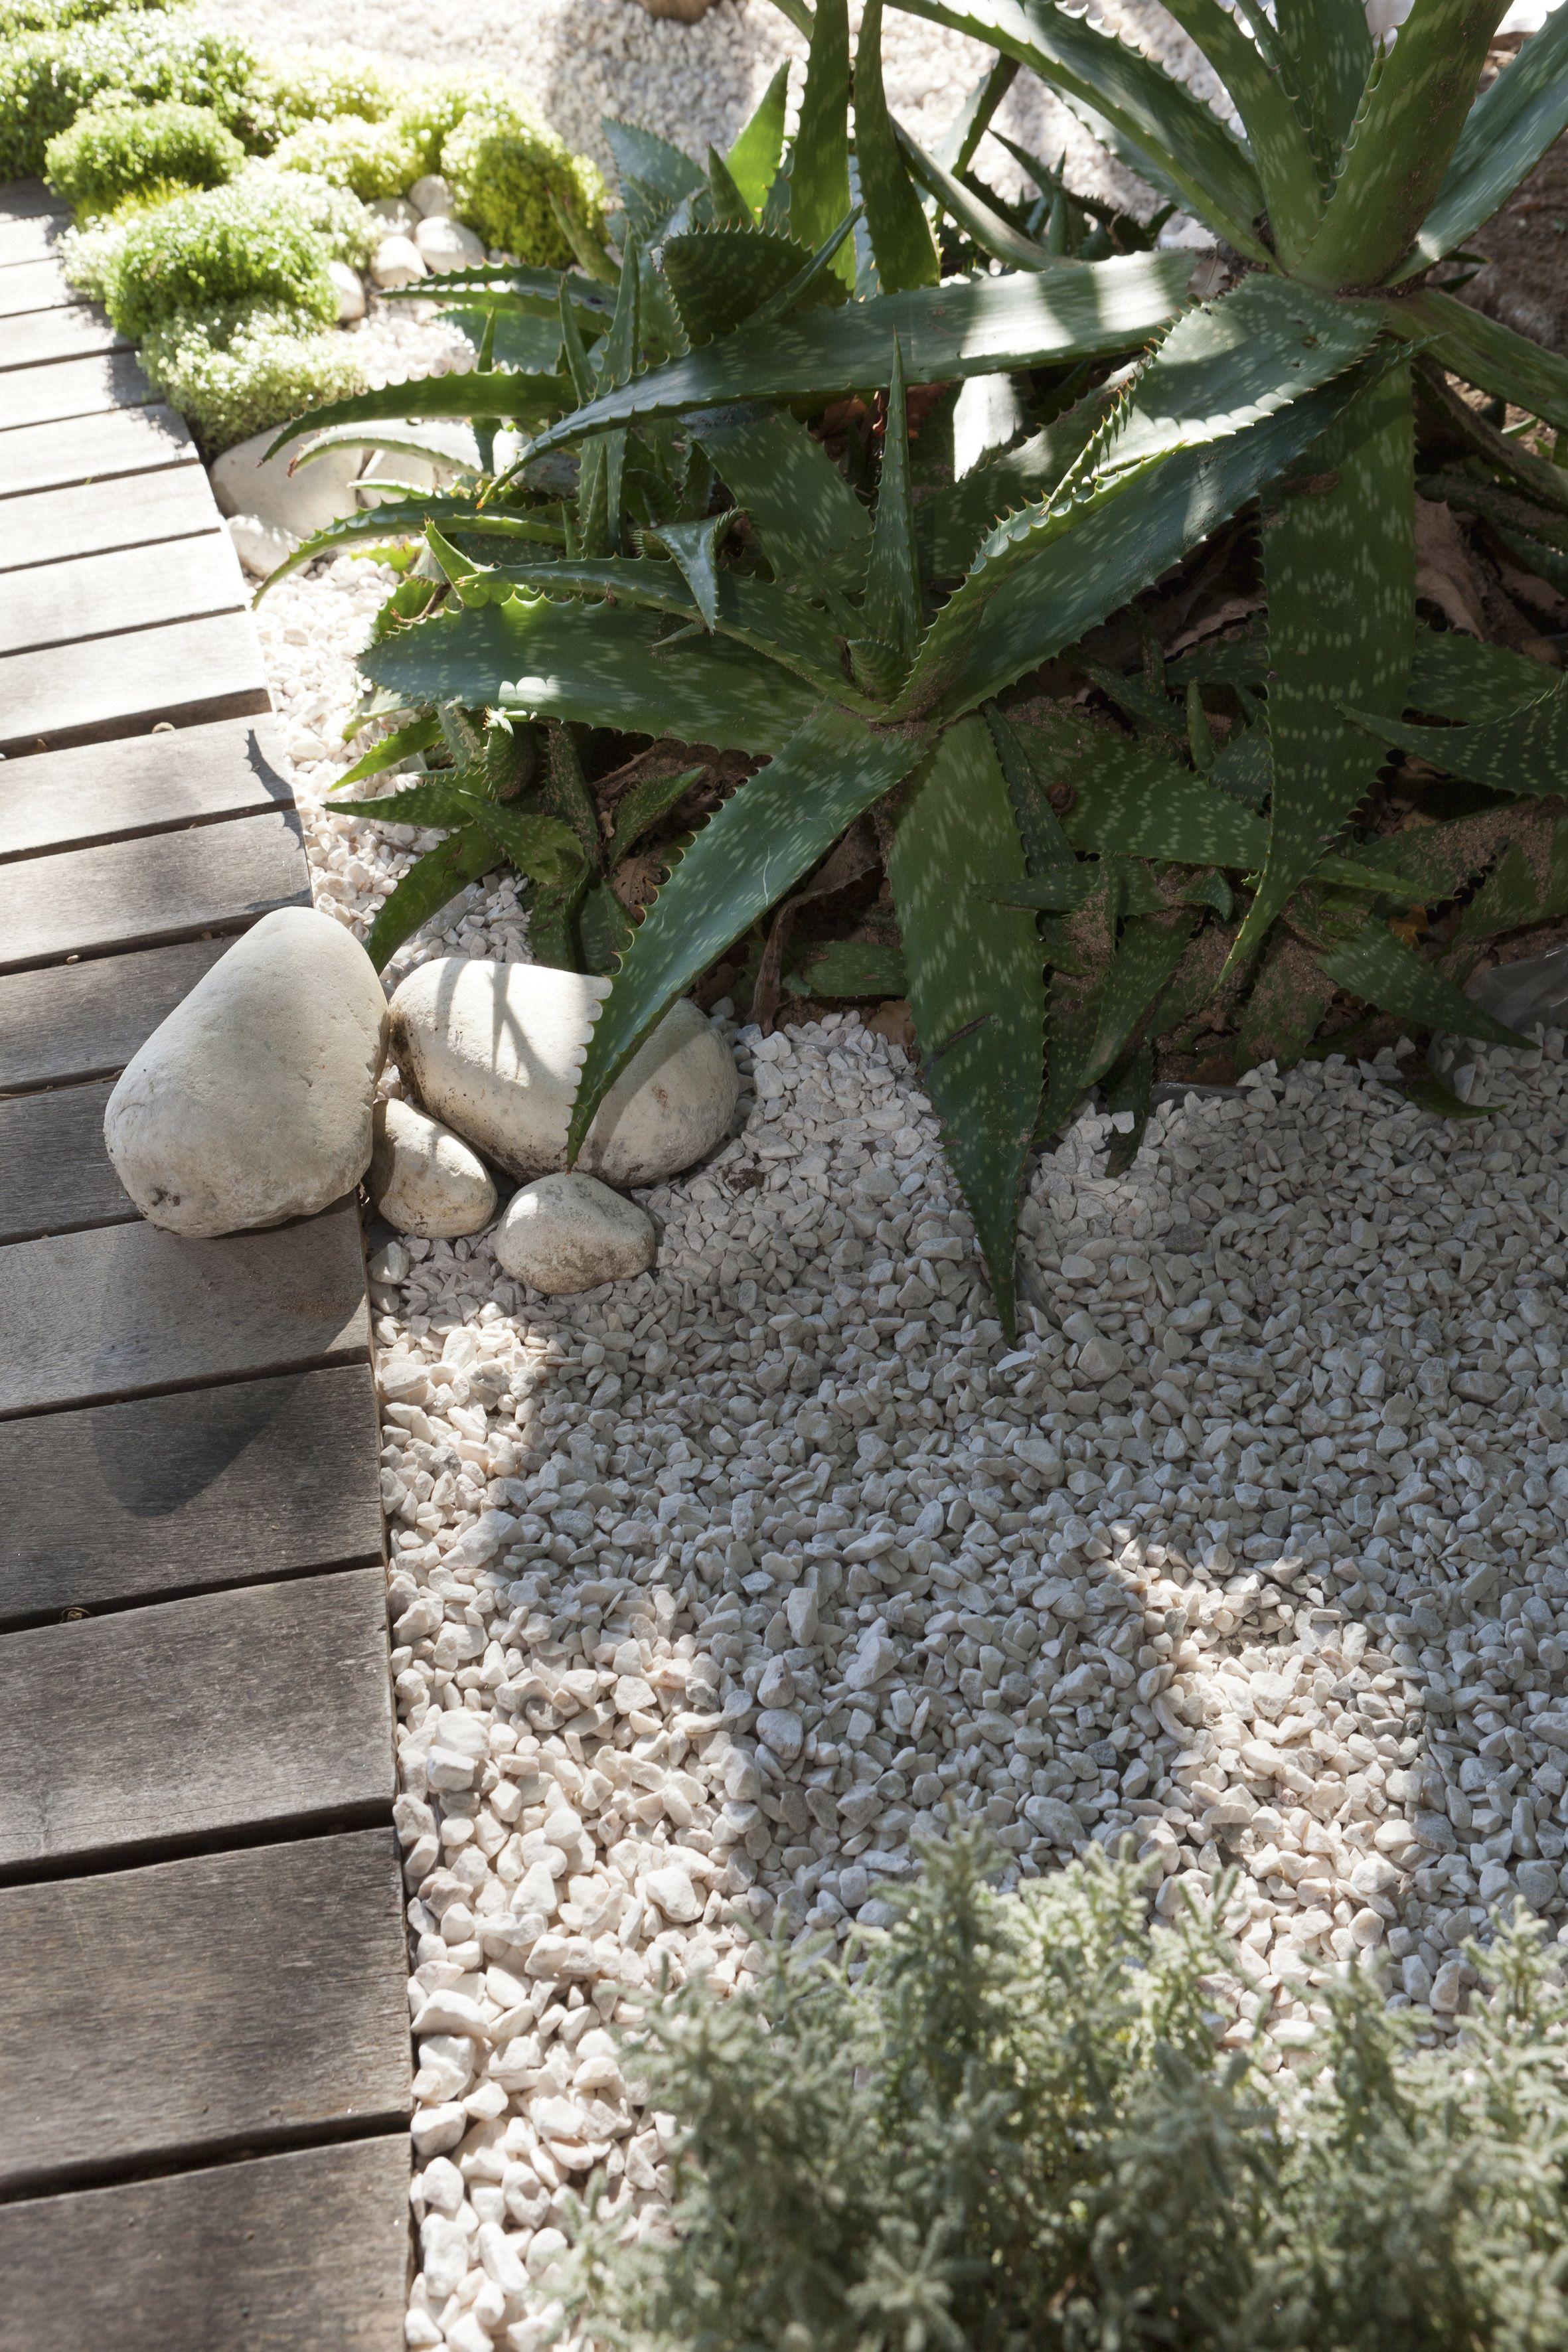 De La Terrasse Au Jardin Graviers Et Galets Apportent Du Style A Vos Exterieurs Tout En Delimitant Les Espaces Amenagement Jardin Jardins Jardin En Briques